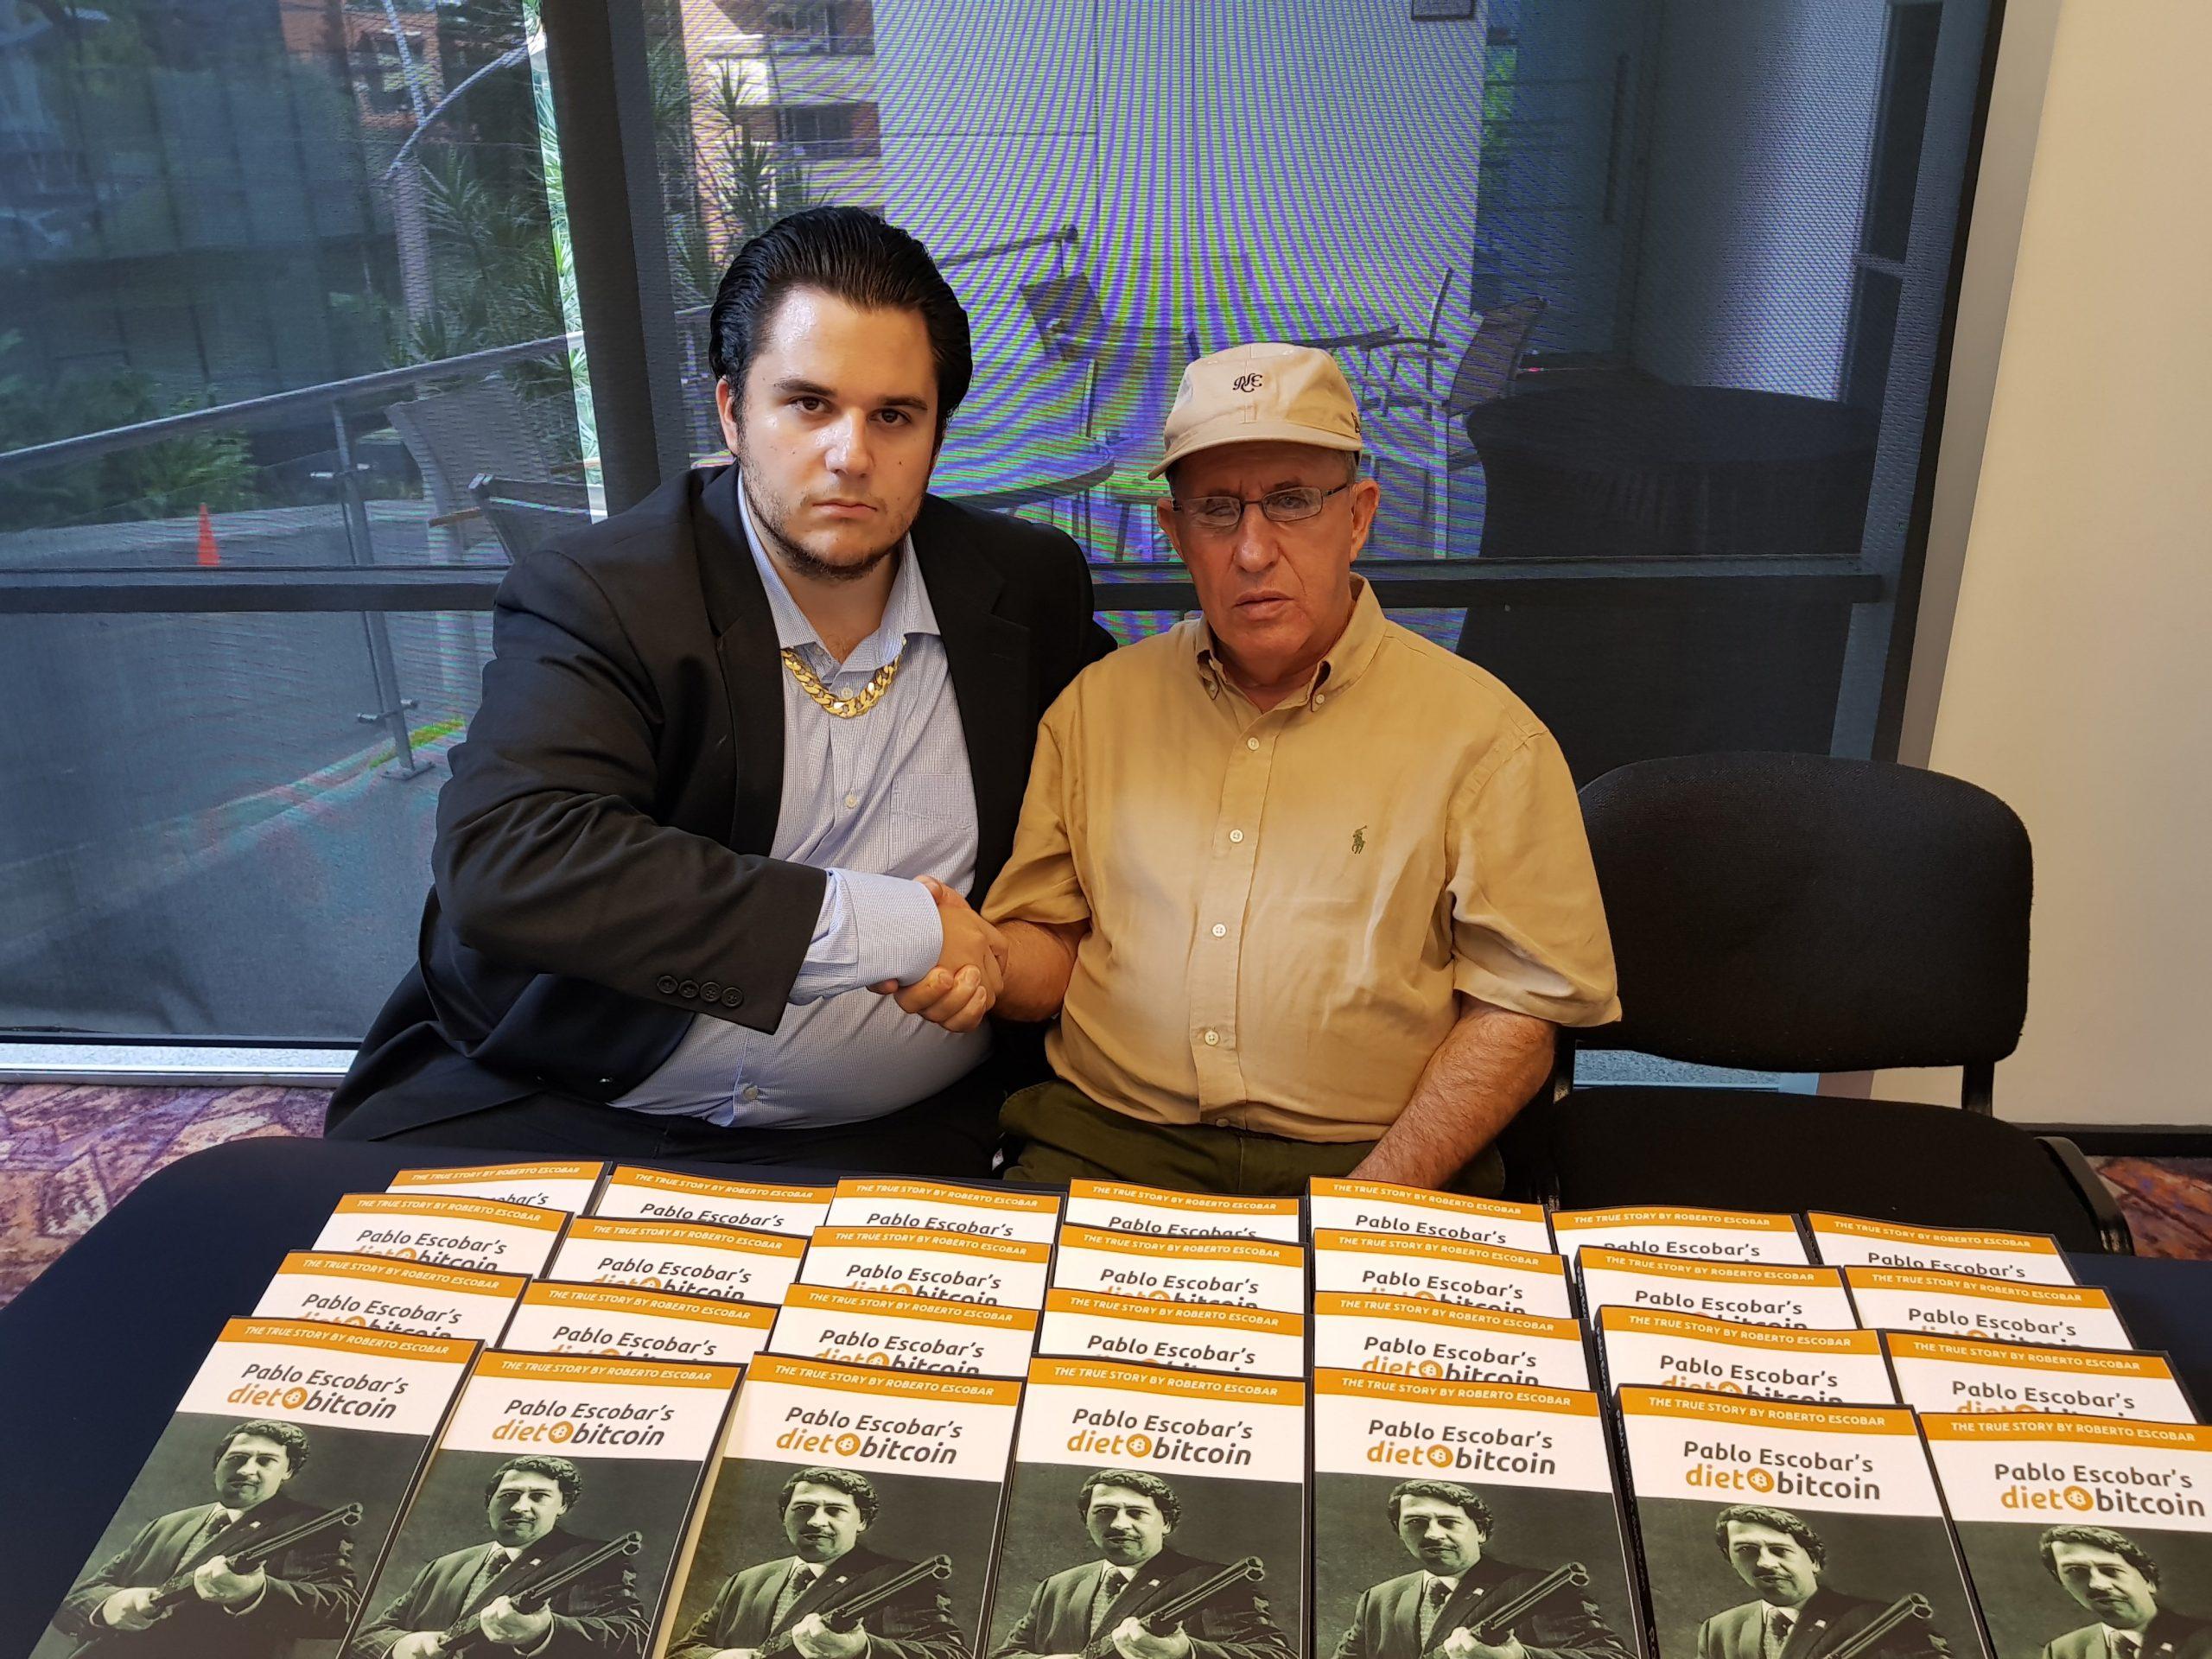 Новая версия связала Сатоши Накамото с перевозчиком наркотиков из картеля Пабло Эскобара